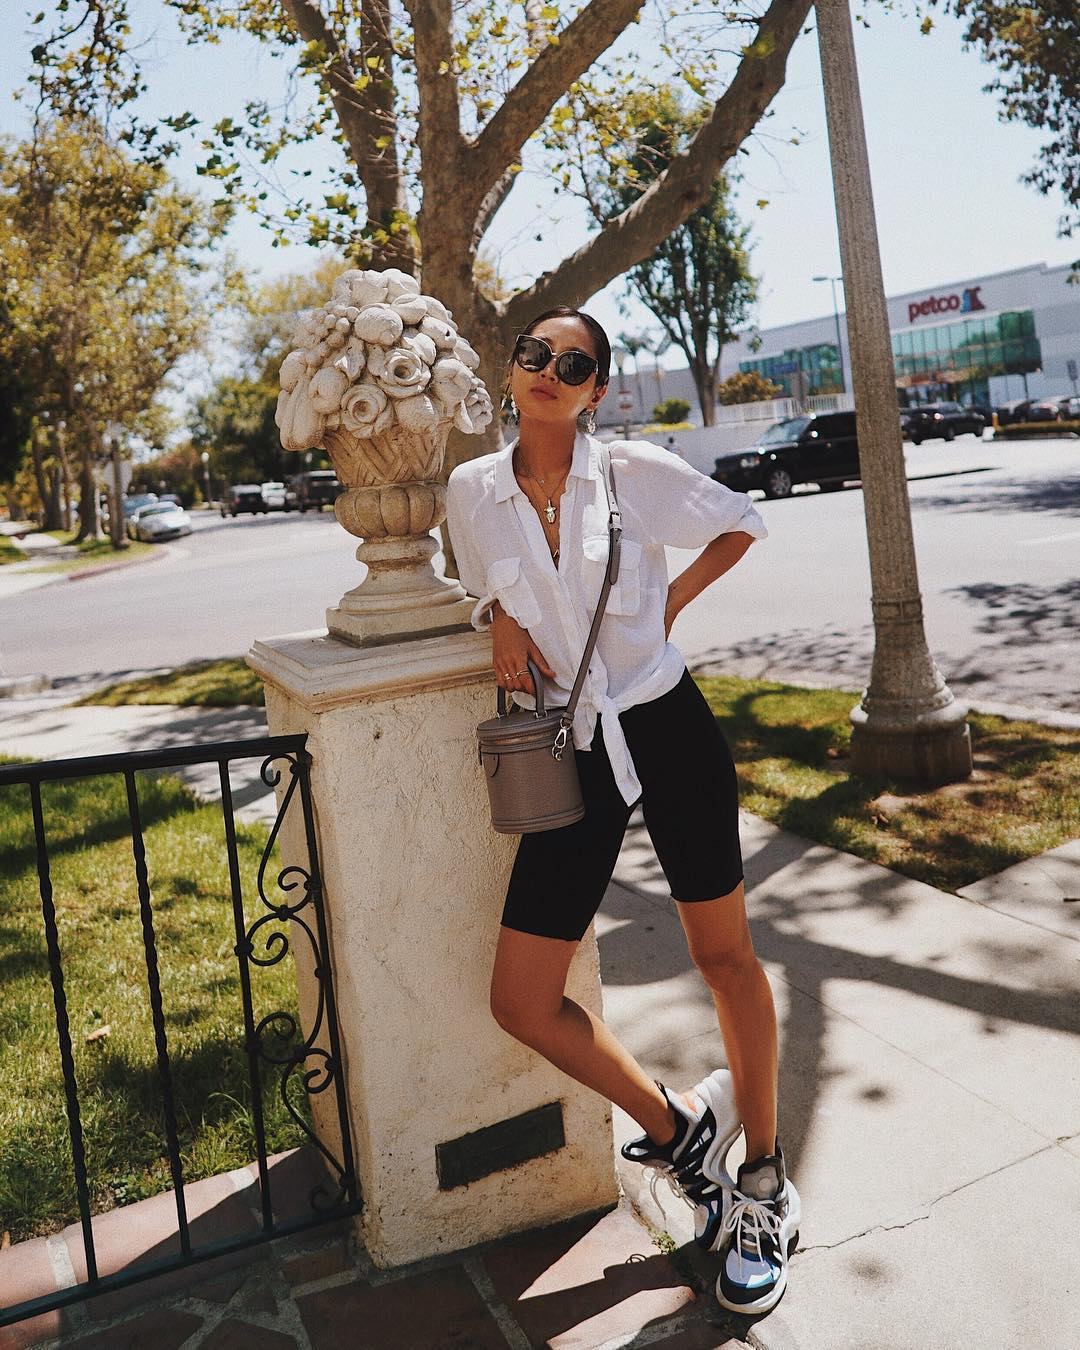 Áo sơ mi cột vạt diện cùng quần shorts biker cho phong cách smart casual